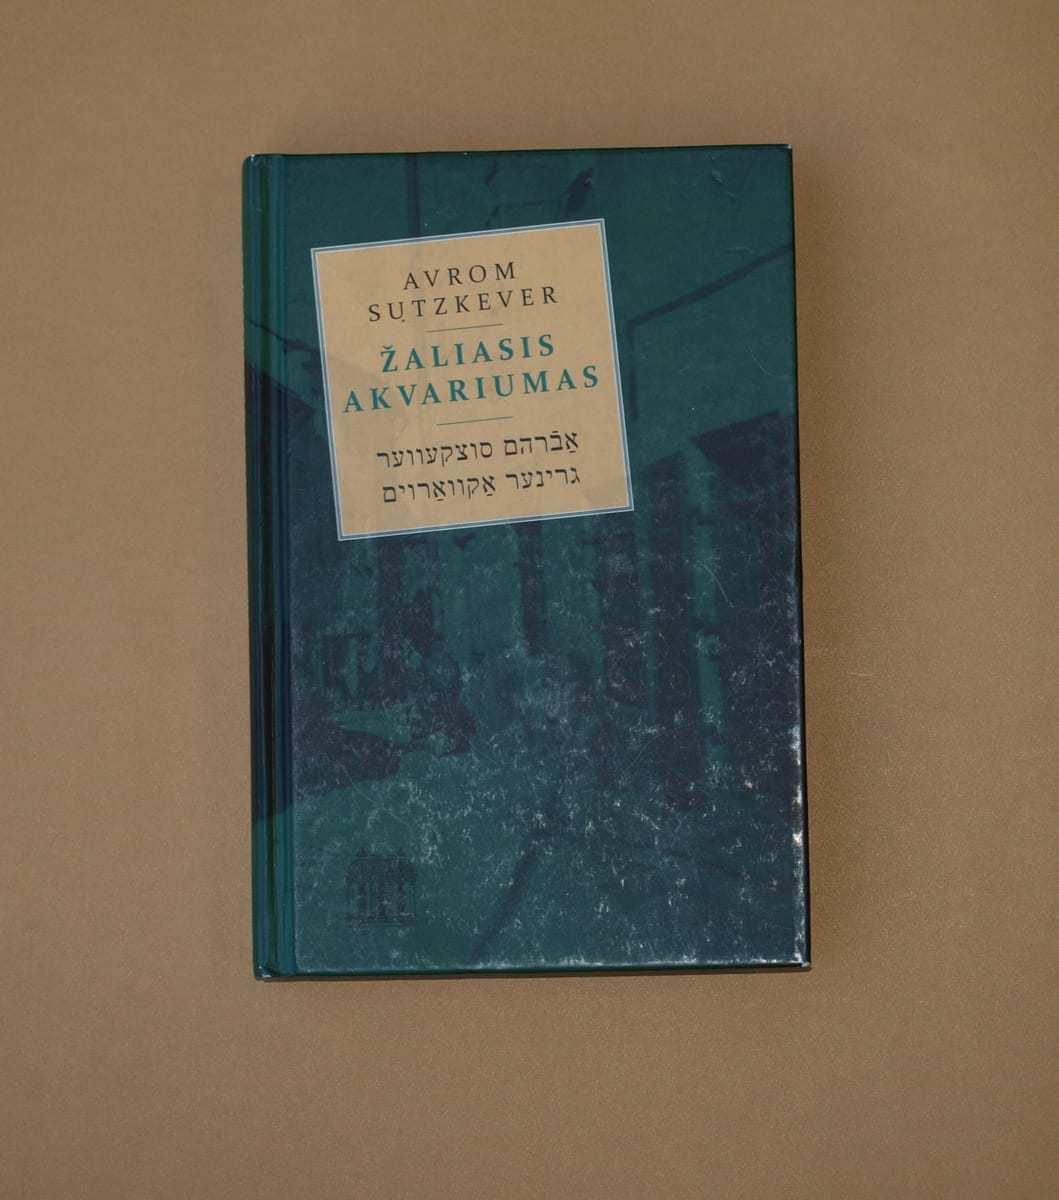 """Avromo Suckeverio knygos """"Der griner akvarium"""" (""""Žaliasis akvariumas"""") vertimas į lietuvių kalbą"""